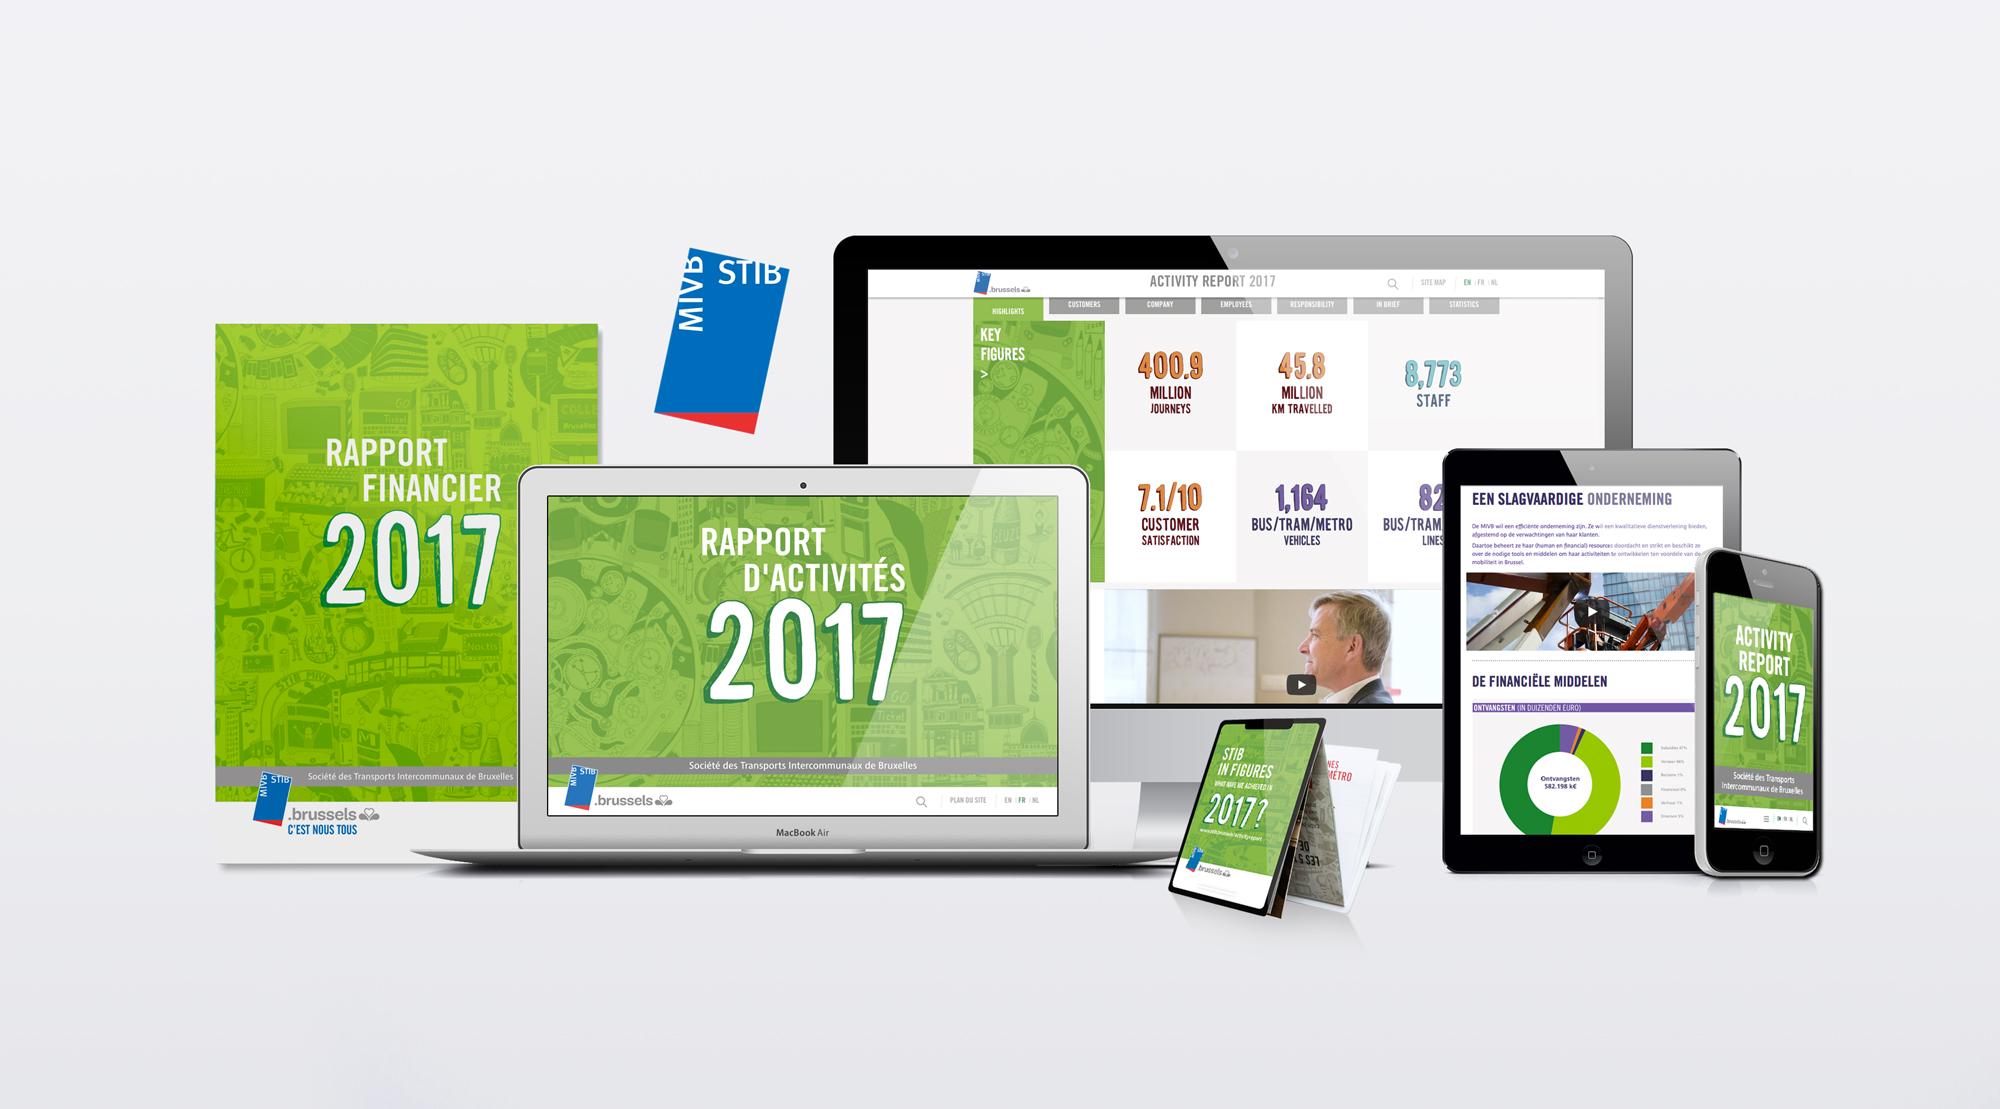 Rapport annuel 2017 de la STIB sous plusieurs formats. Imprimés et responsive design